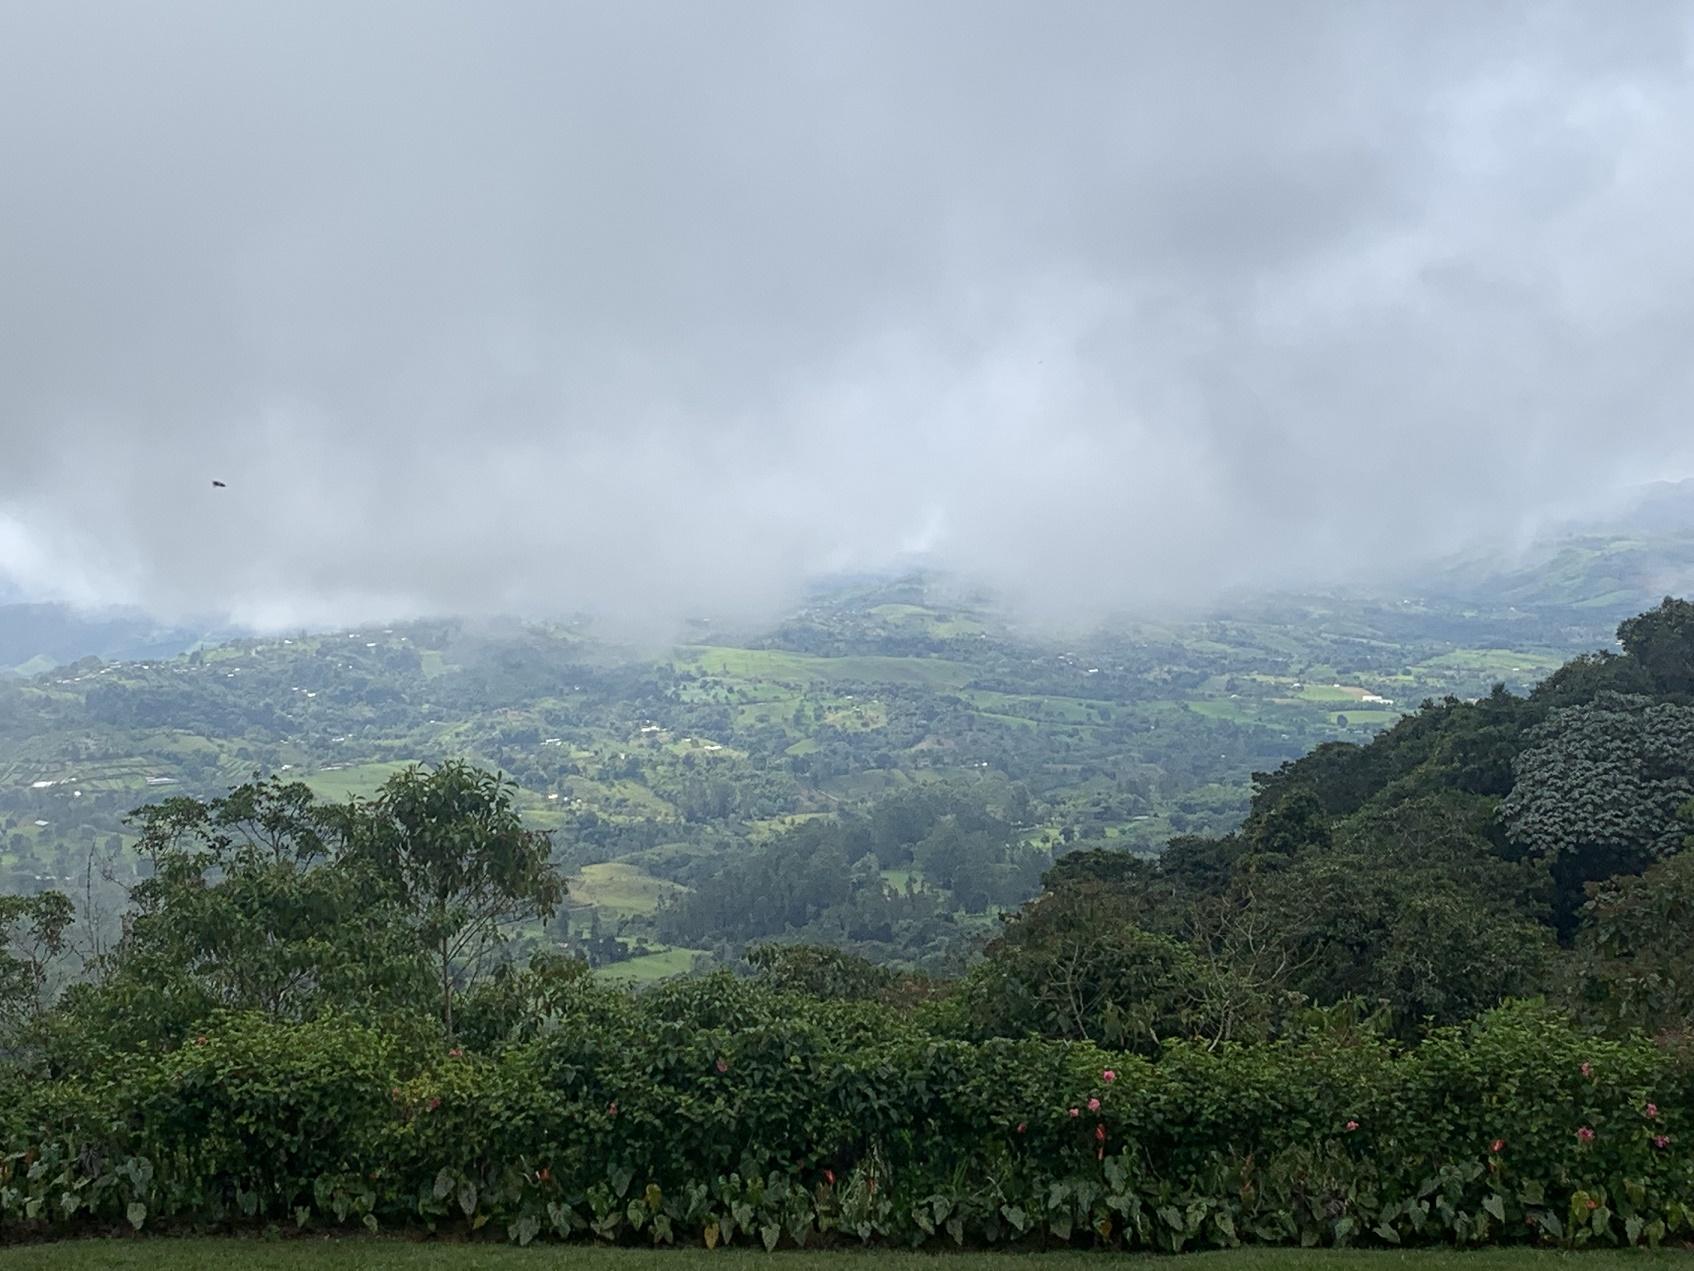 Paisaje en la Reserva Forestal Protectora de Bitaco. Foto: María Isabel Quintero.